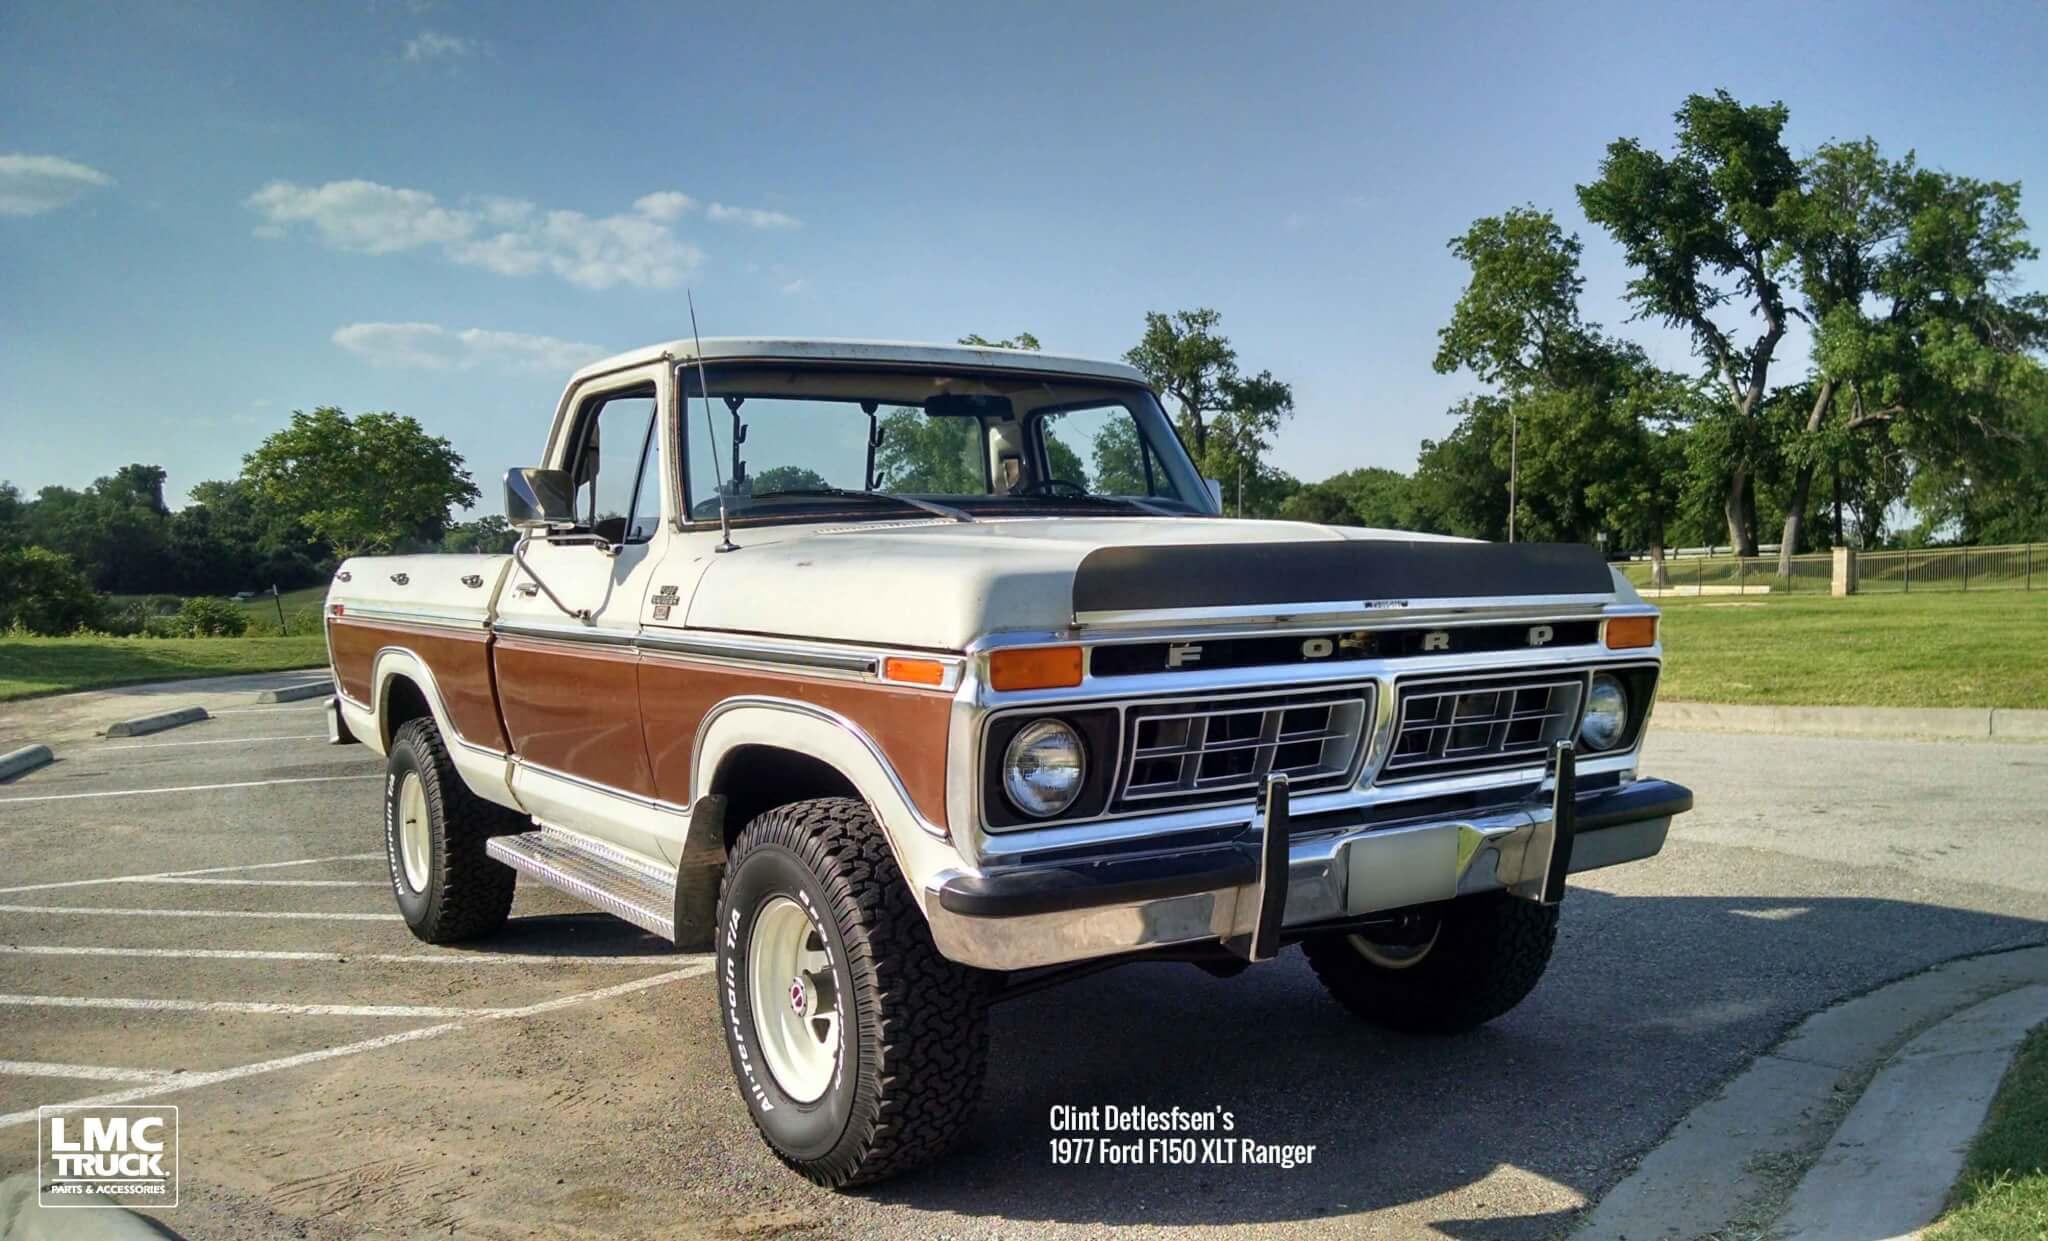 1977 Ford F150 XLT Ranger-Clint D.